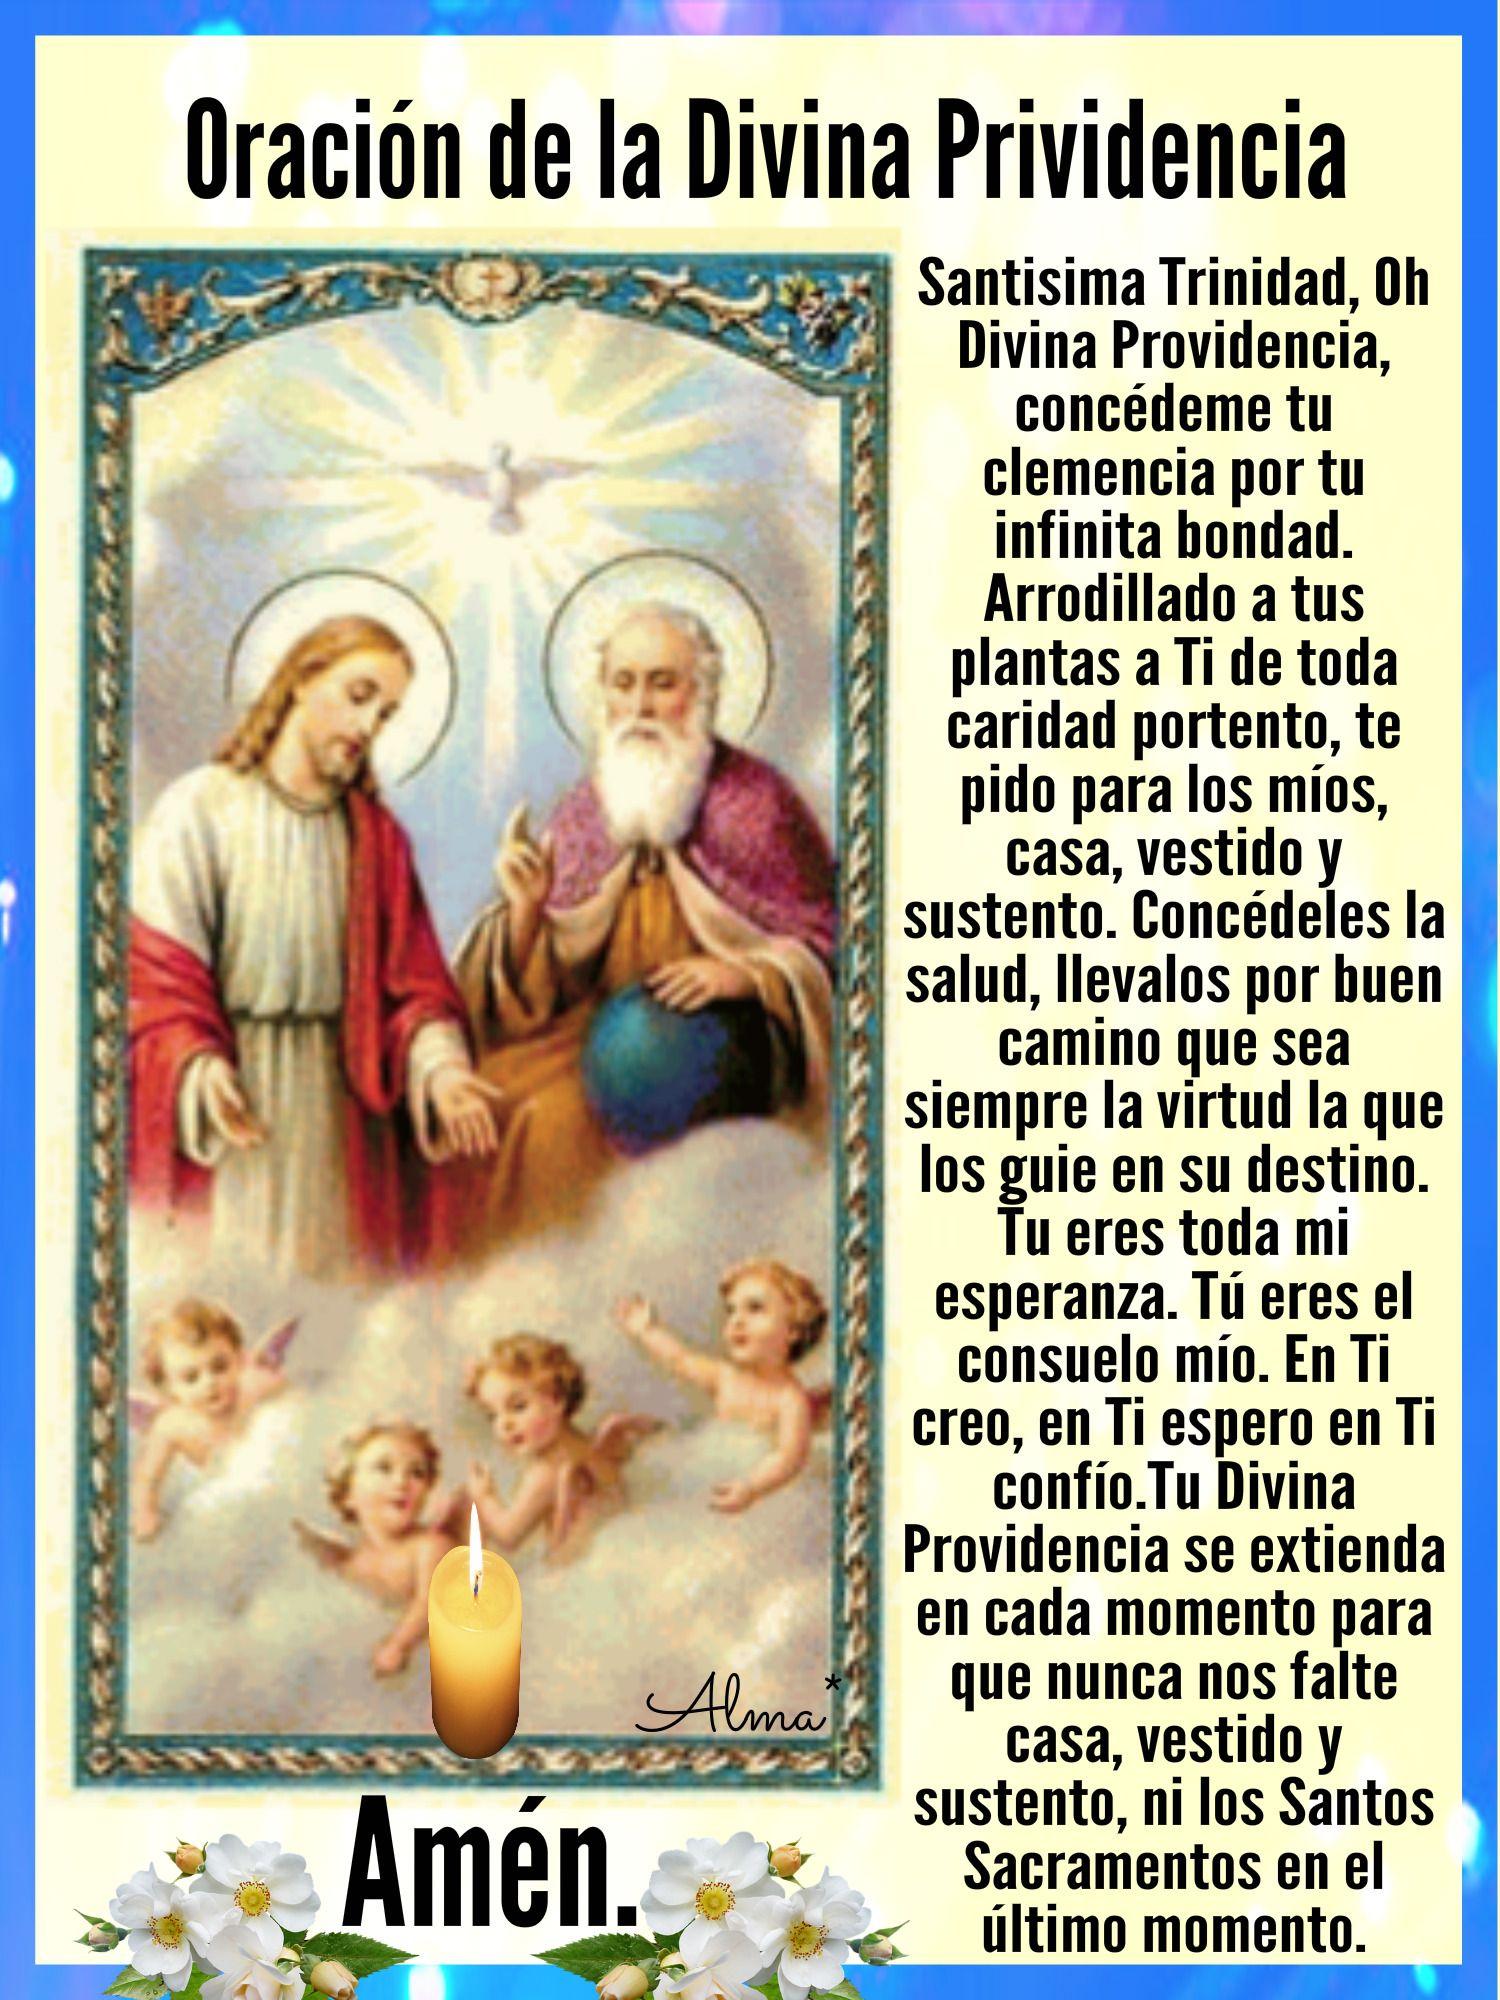 Oración De La Divina Prividenciasantisima Trinidad Oh